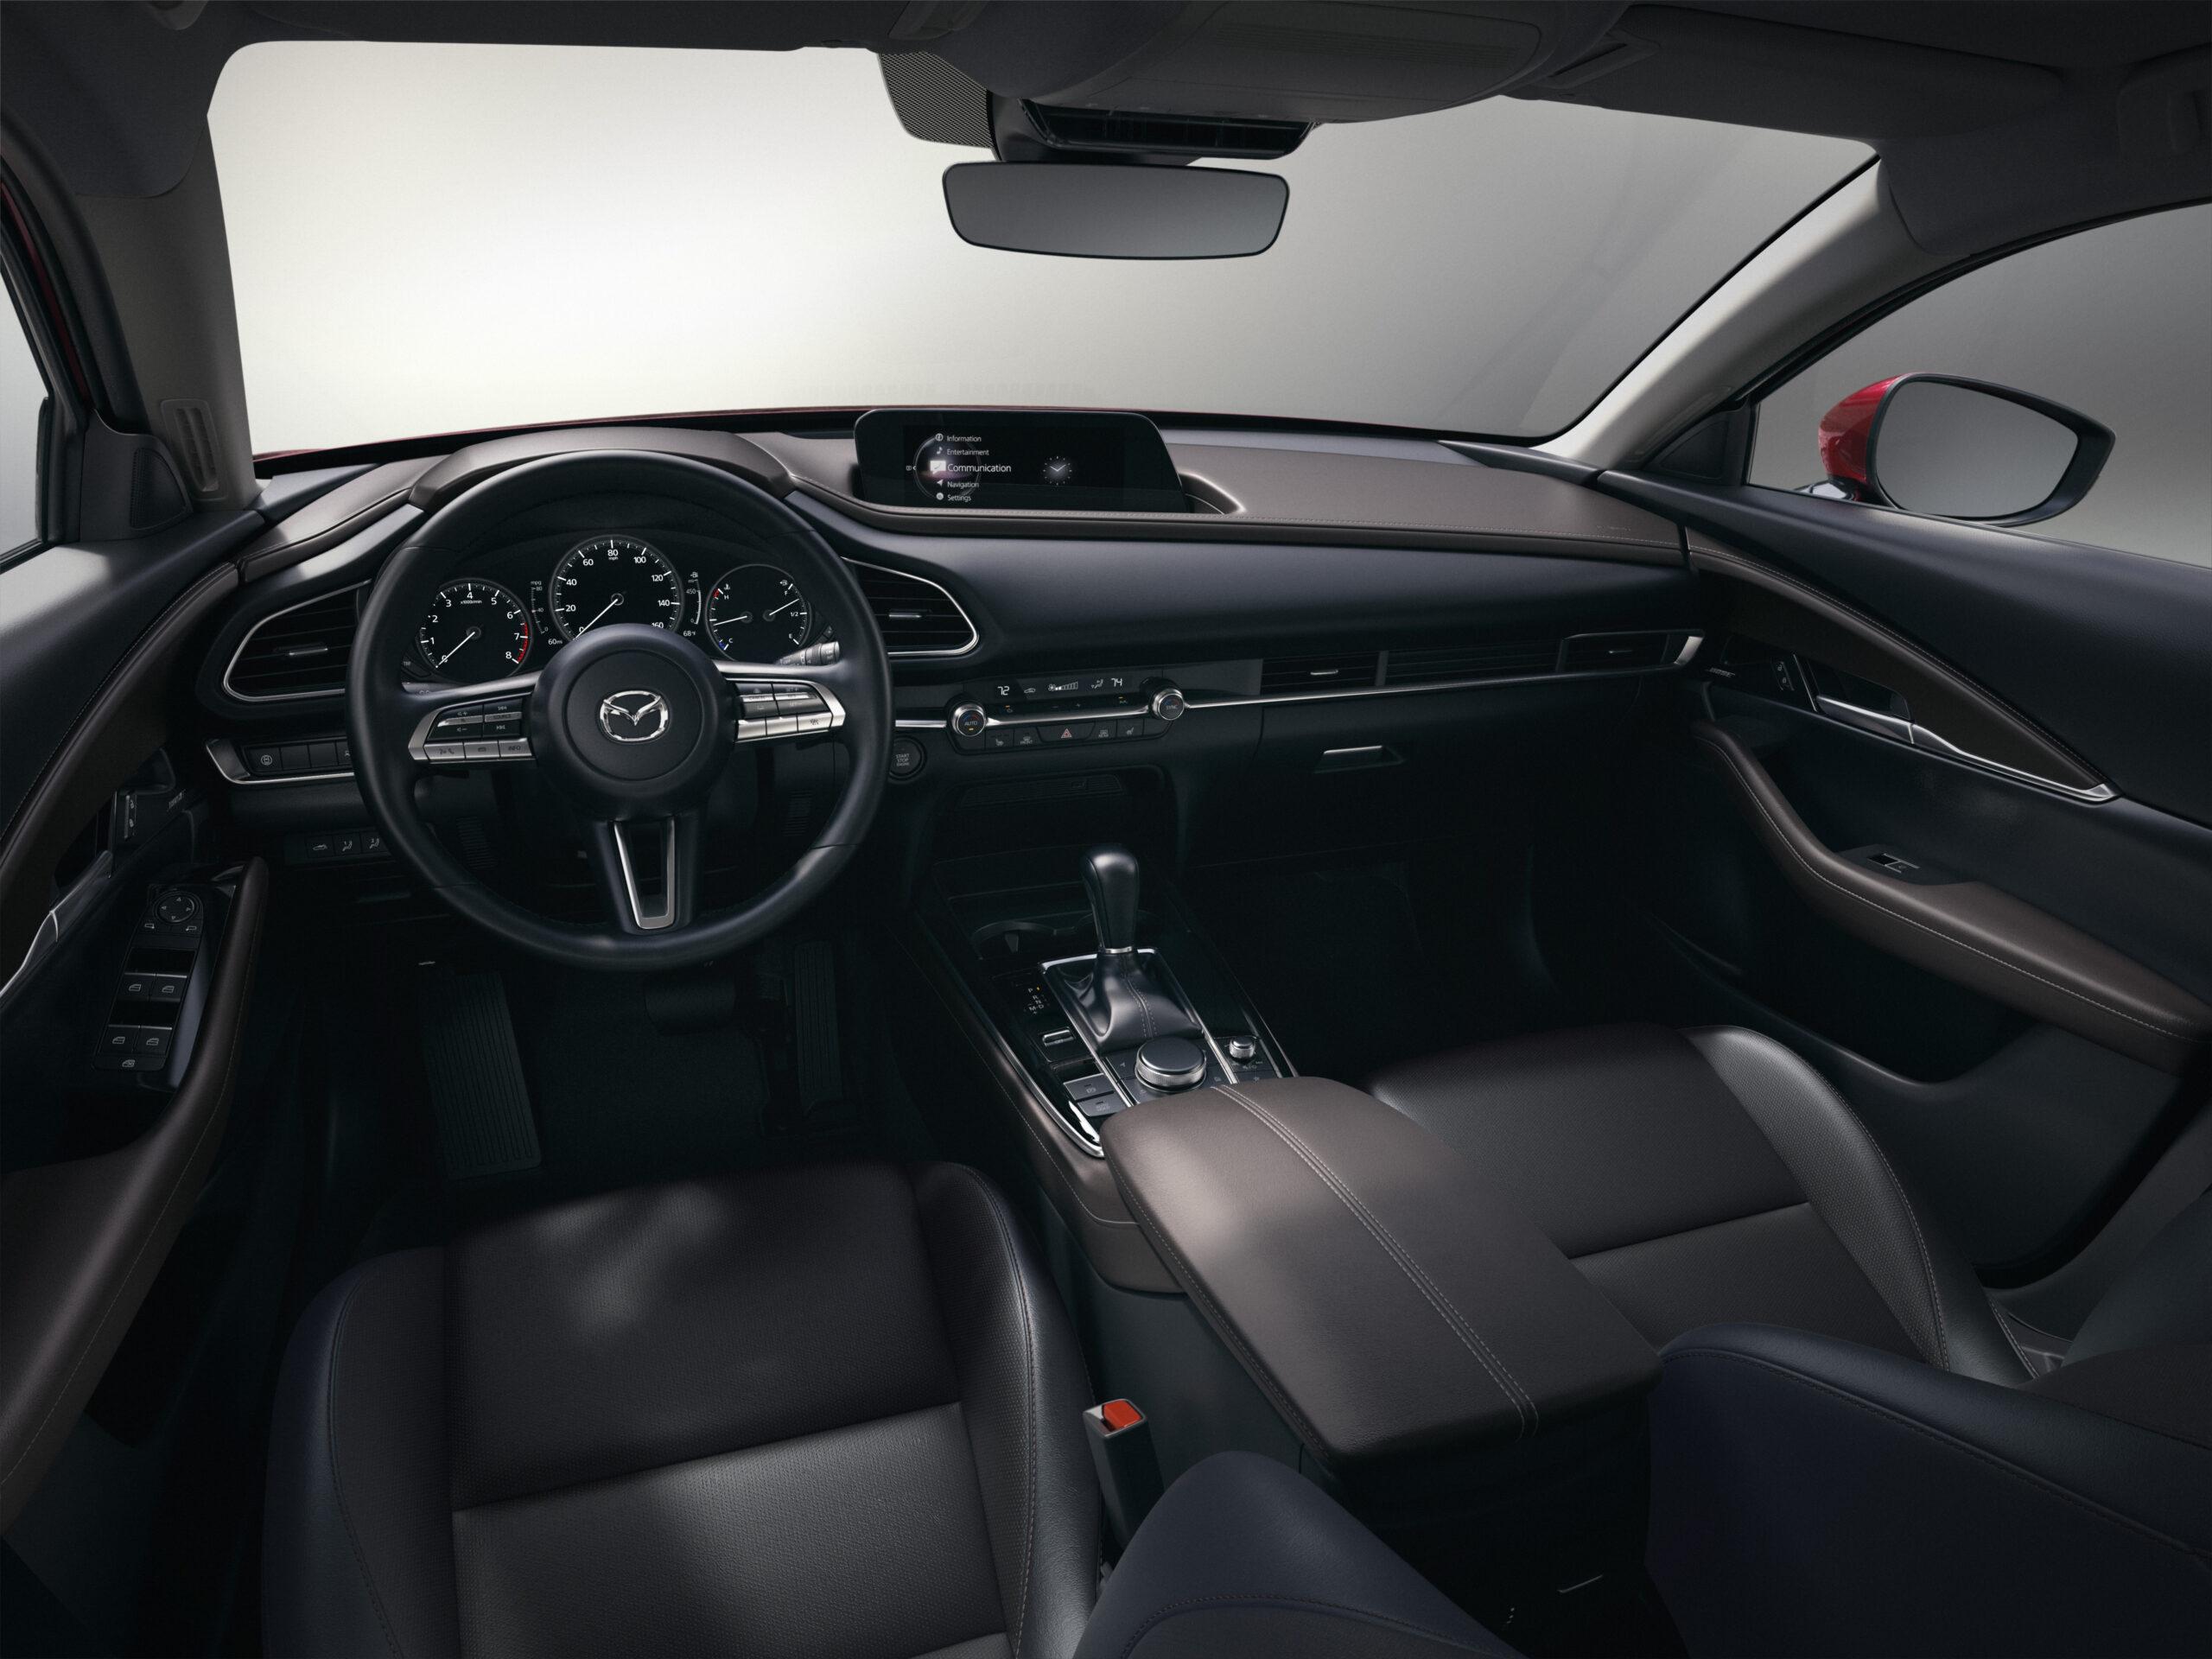 Interior of the Mazda CX-30